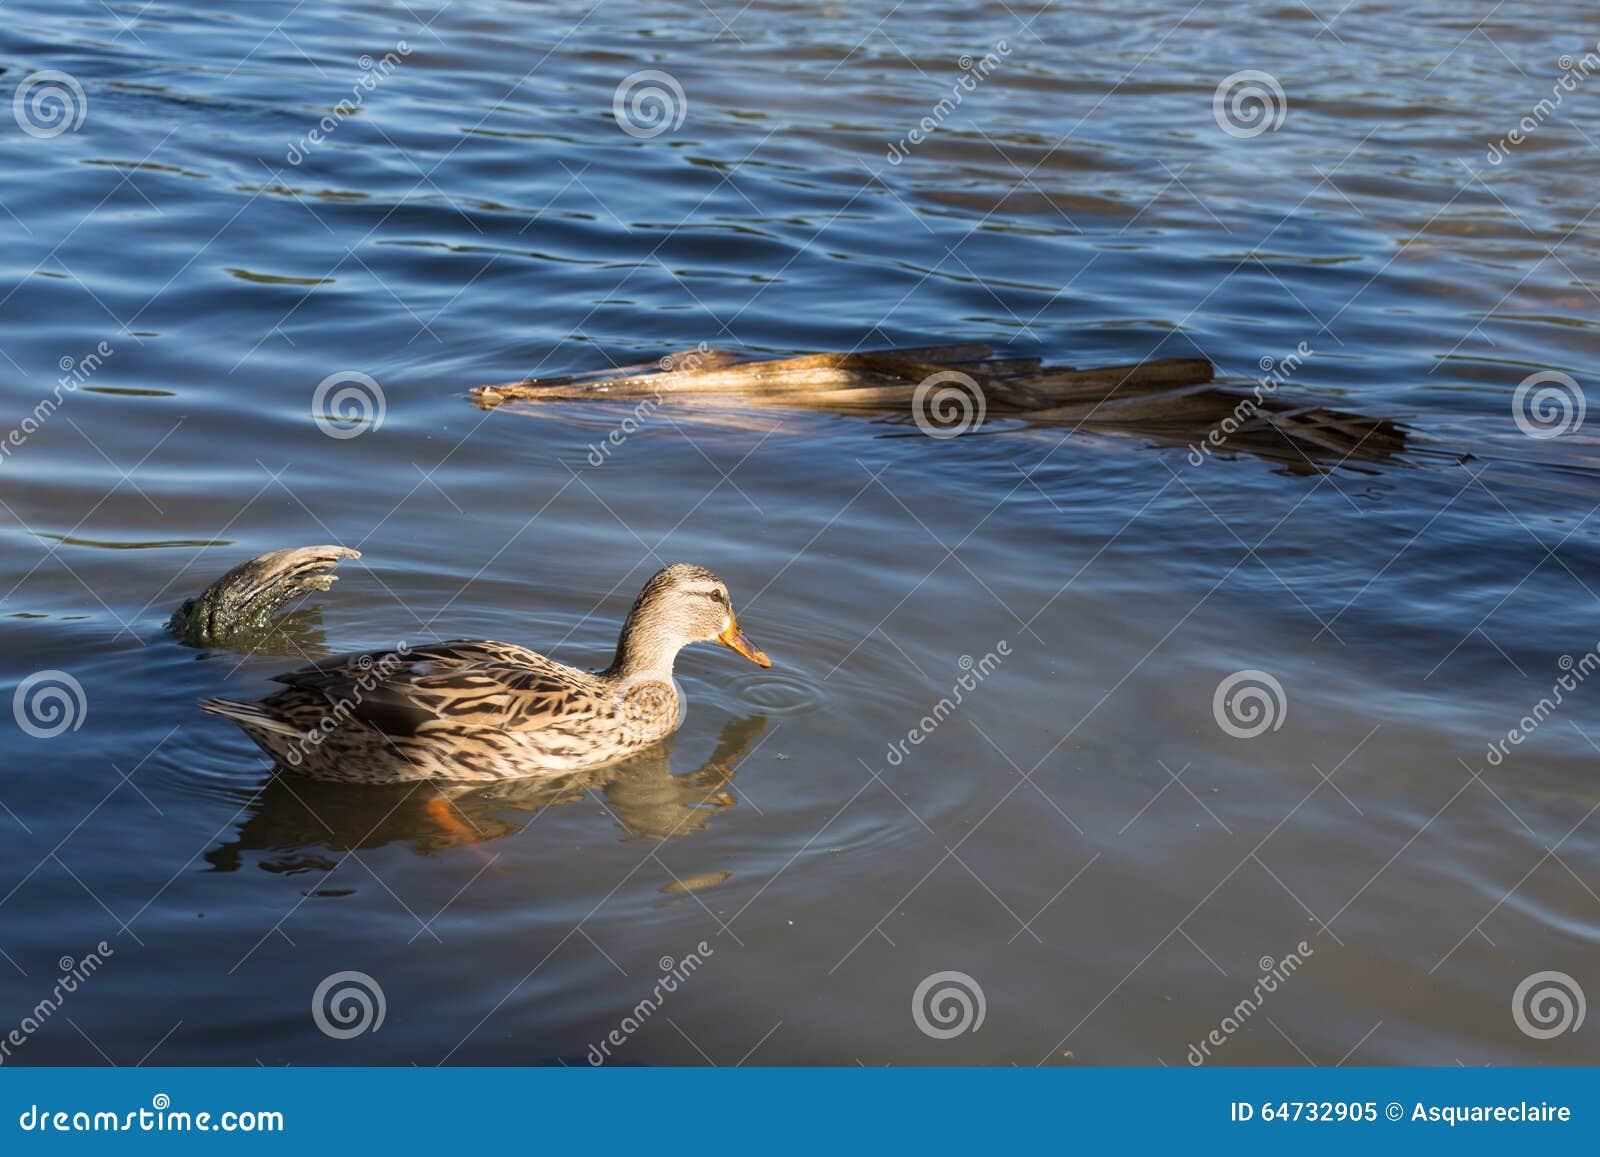 Profil de canard femelle simple dans l étang